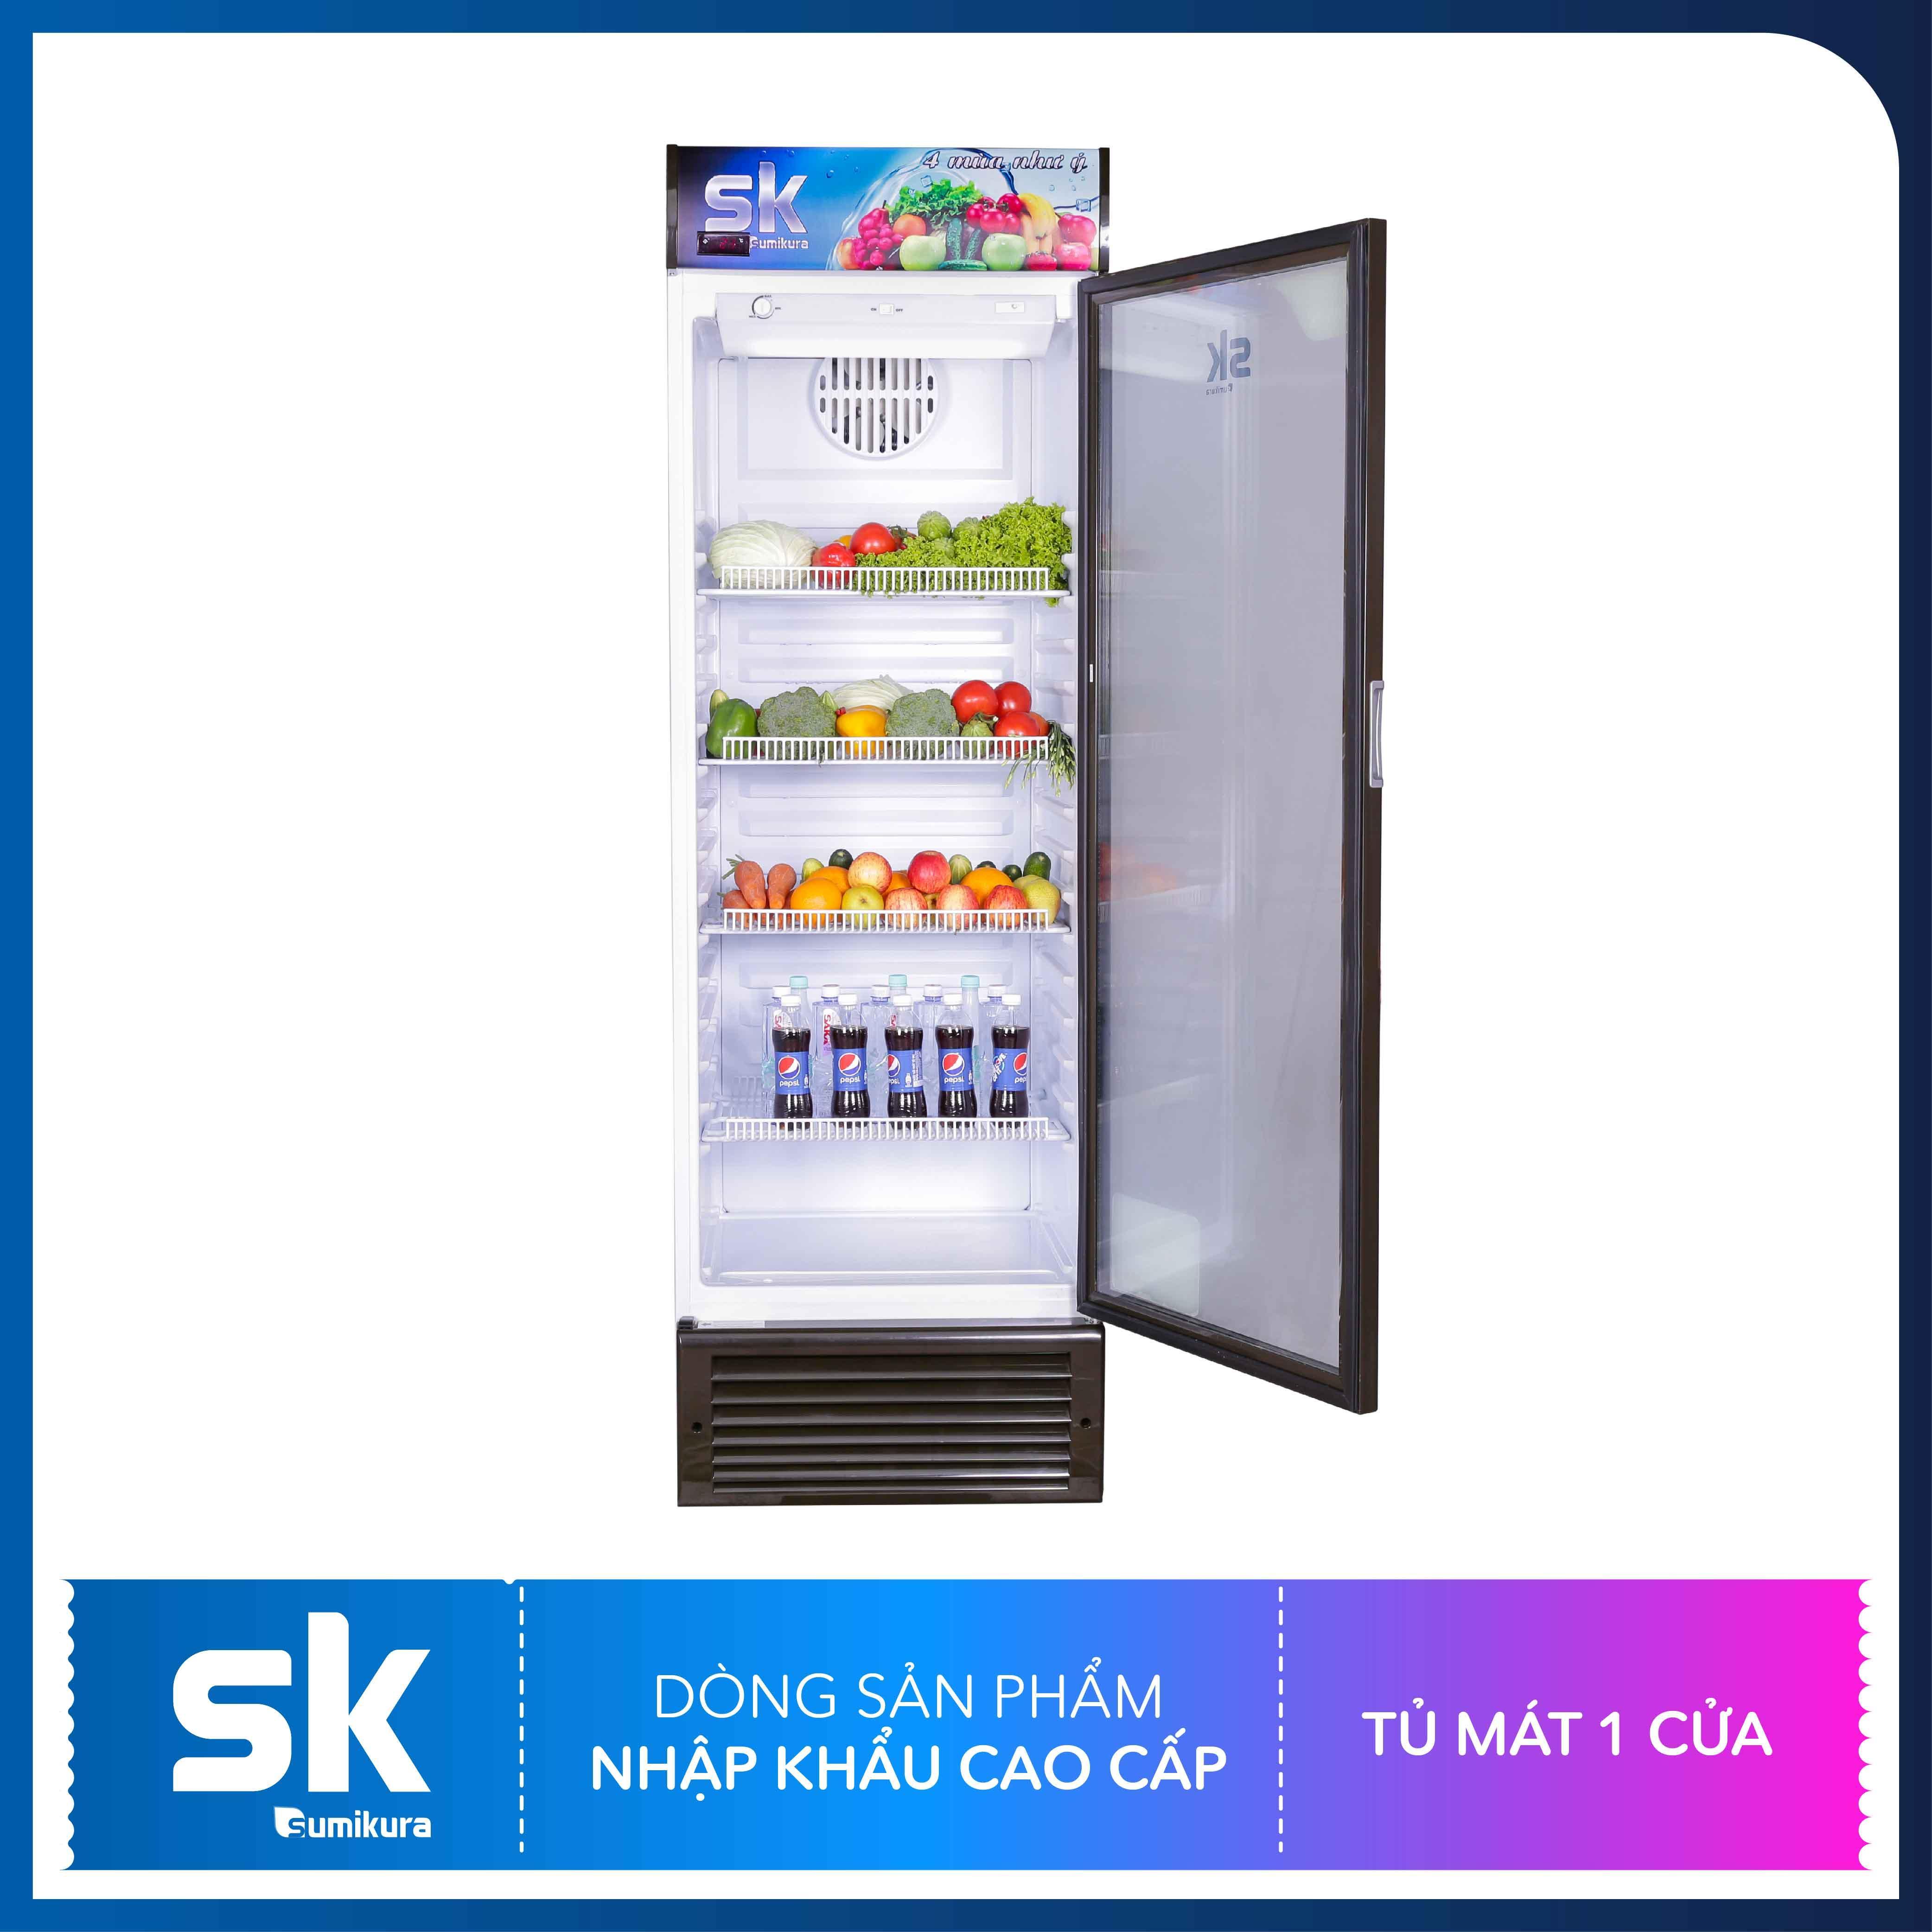 Bảng giá Tủ Mát 450 Lít SKSC-450 Sumikura Điện máy Pico